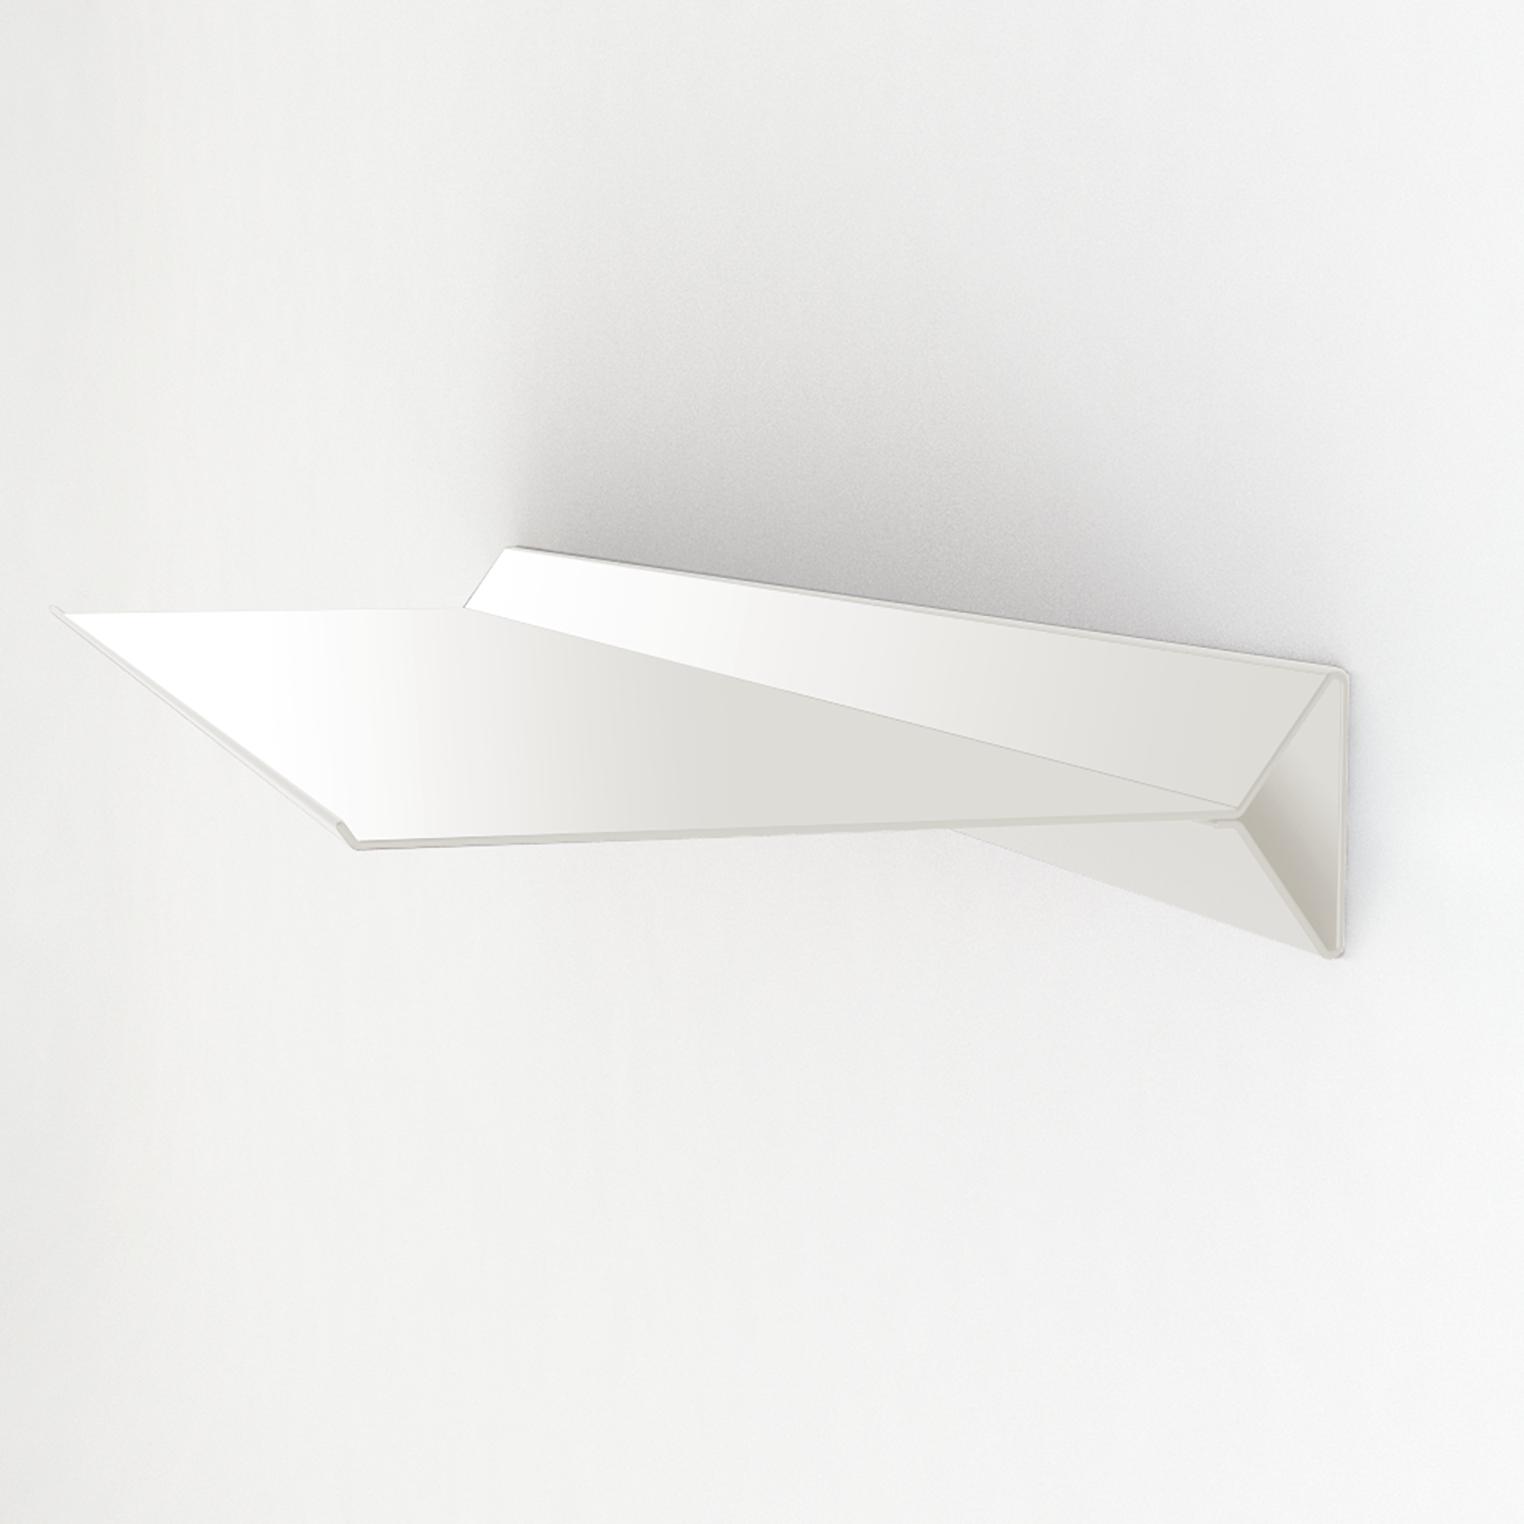 Shelf Out of Shape | White